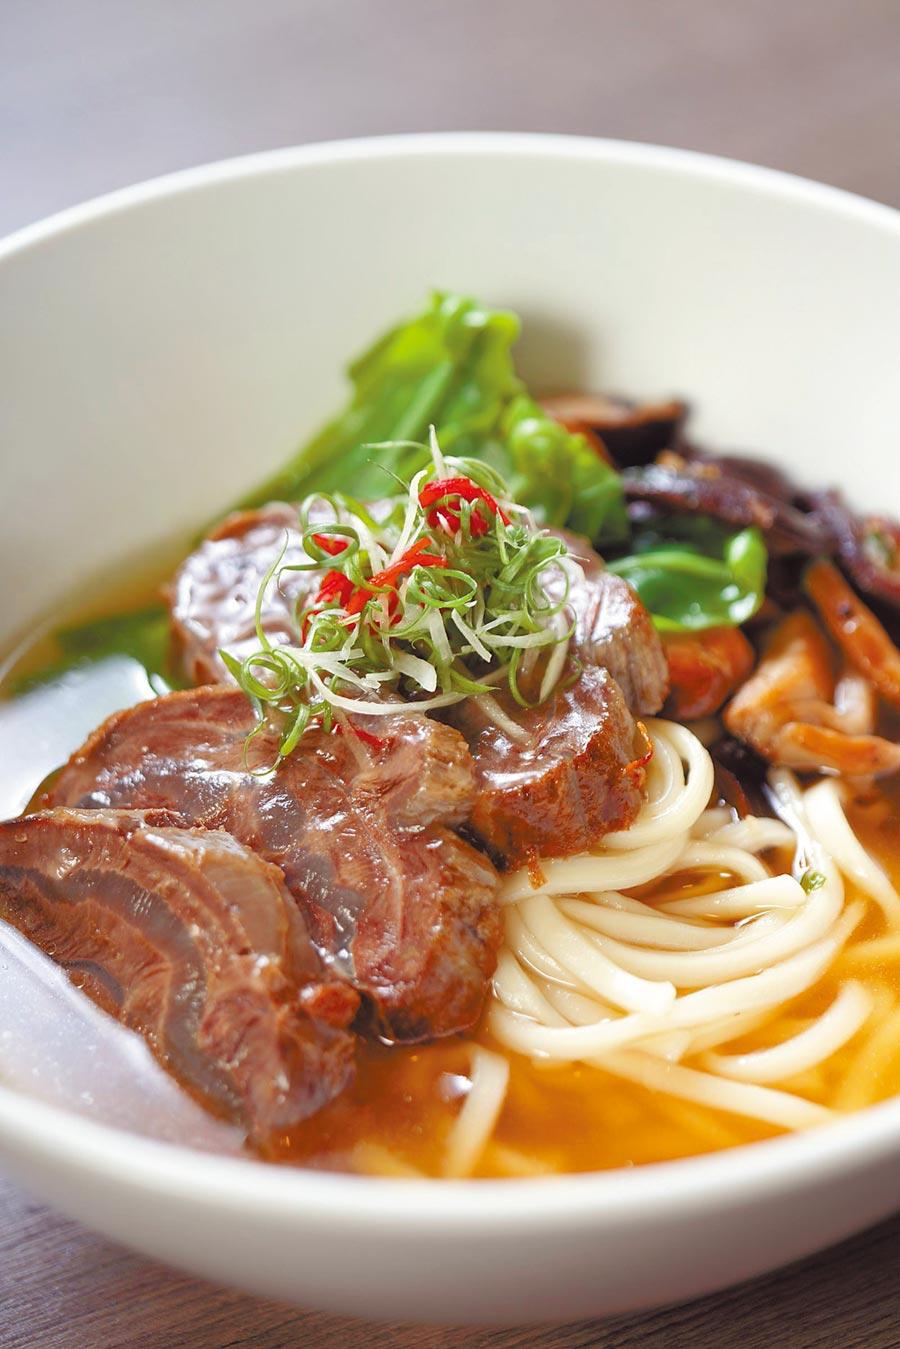 晶華酒店的人氣冠軍牛肉麵明年將首度登上威尼斯號的限定航次,讓旅客免費大快朵頤。(雄獅旅遊提供)